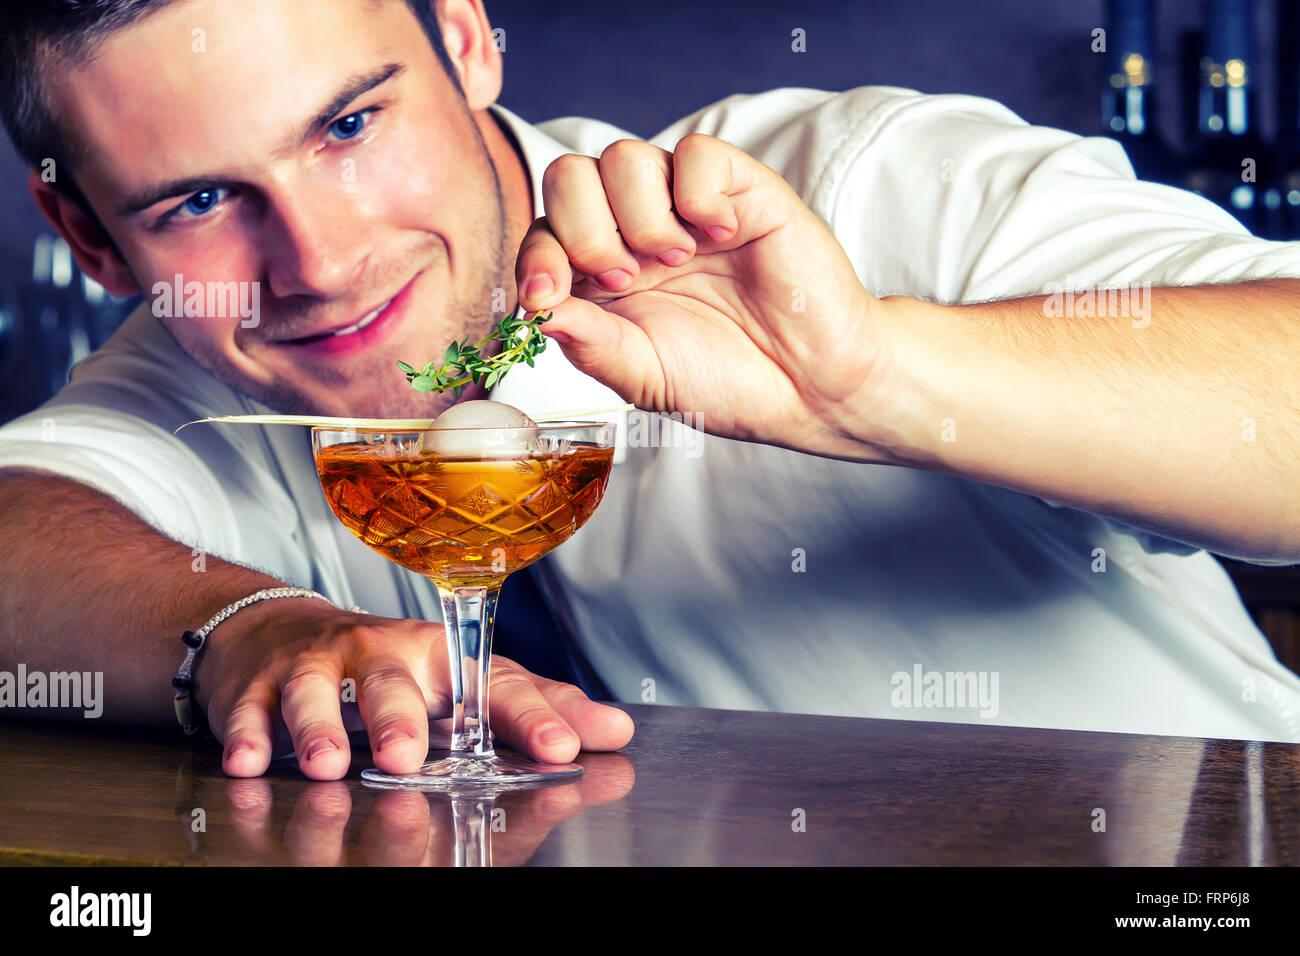 Barkeeper servieren Getränke In Nightclub.Young Barkeeper trinken vorbereiten. Stockbild